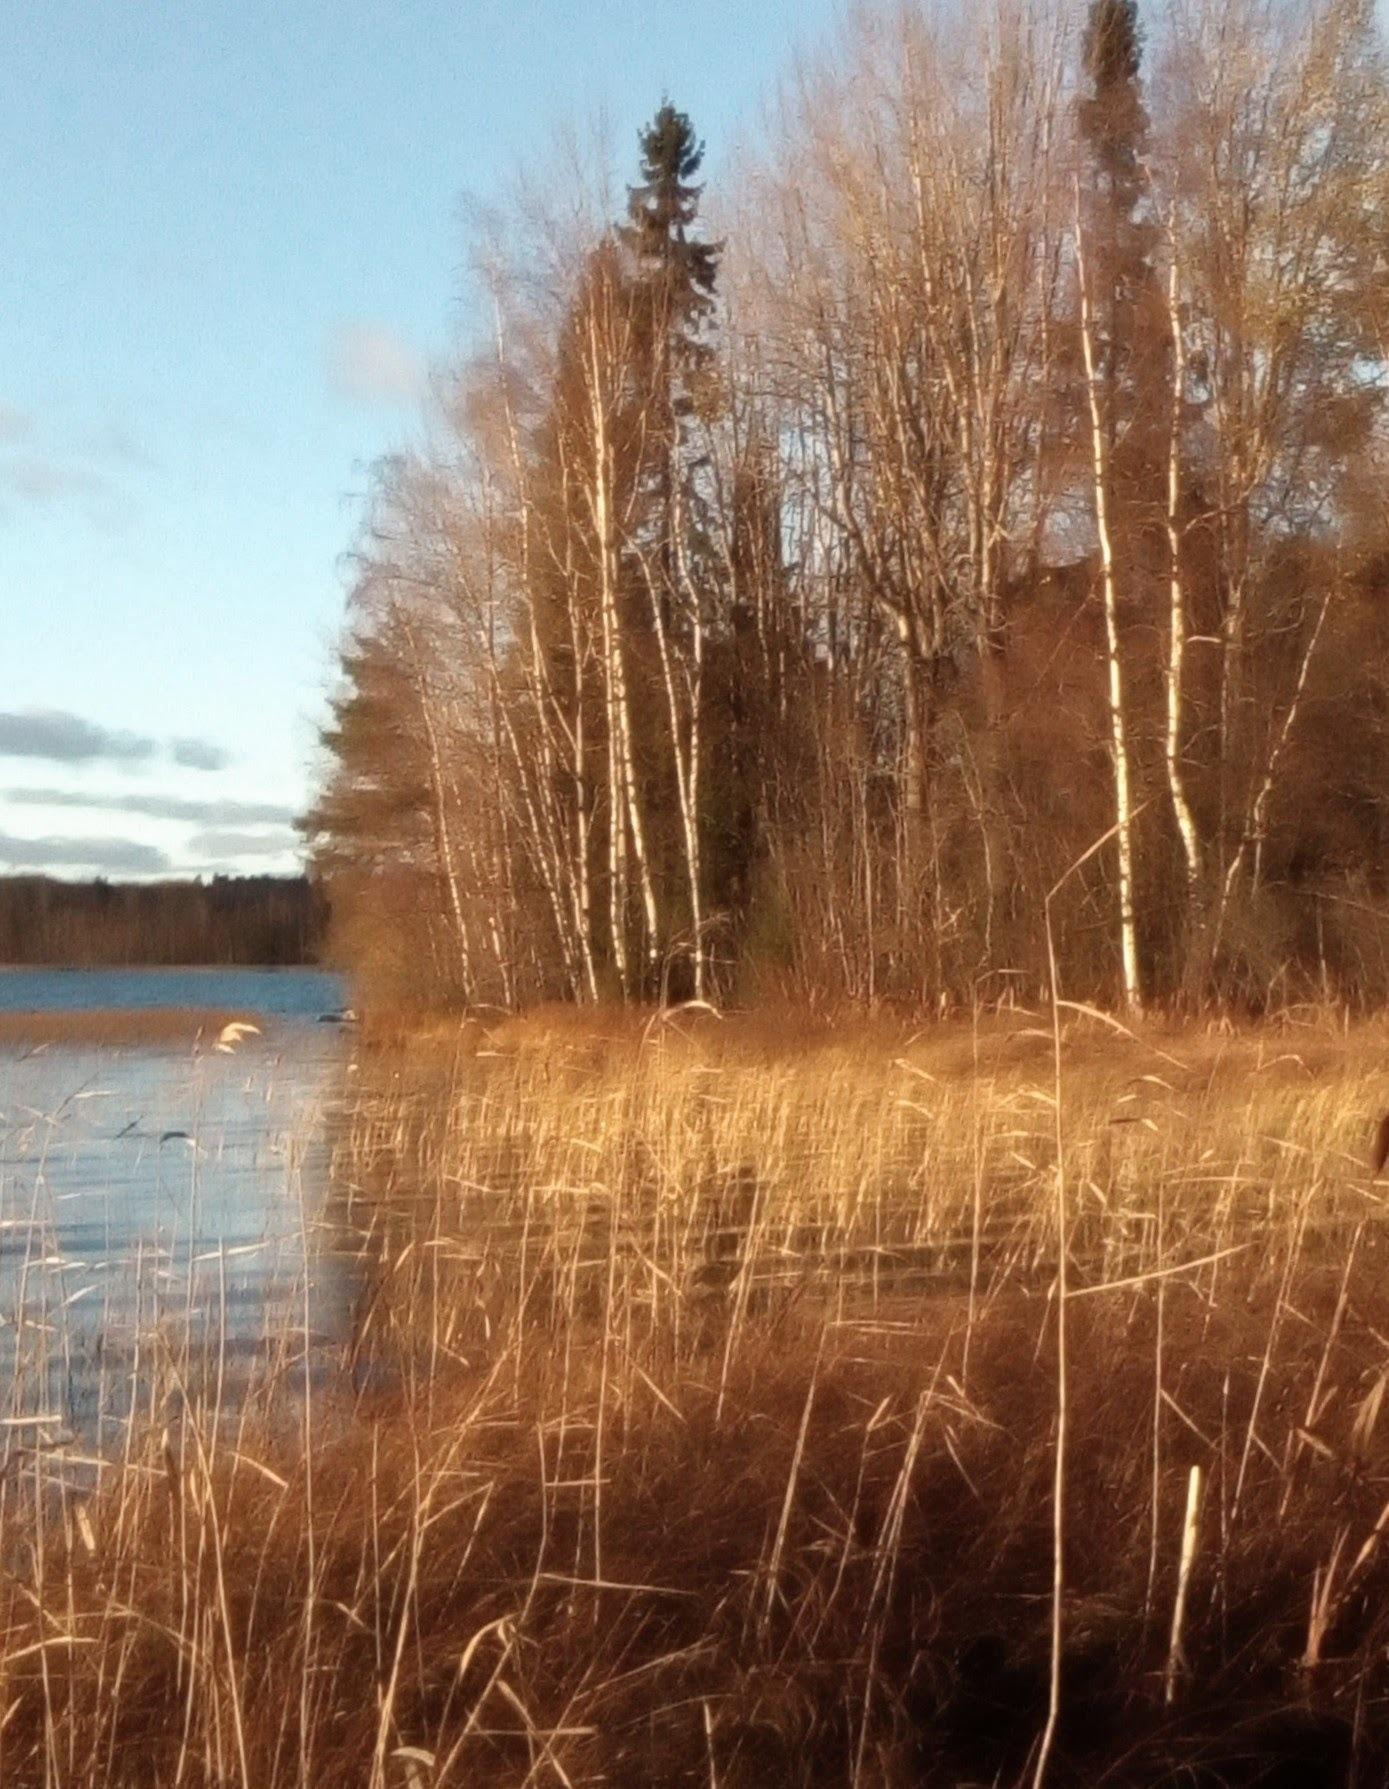 The Autumn in Finland  by Aila Hokkanen